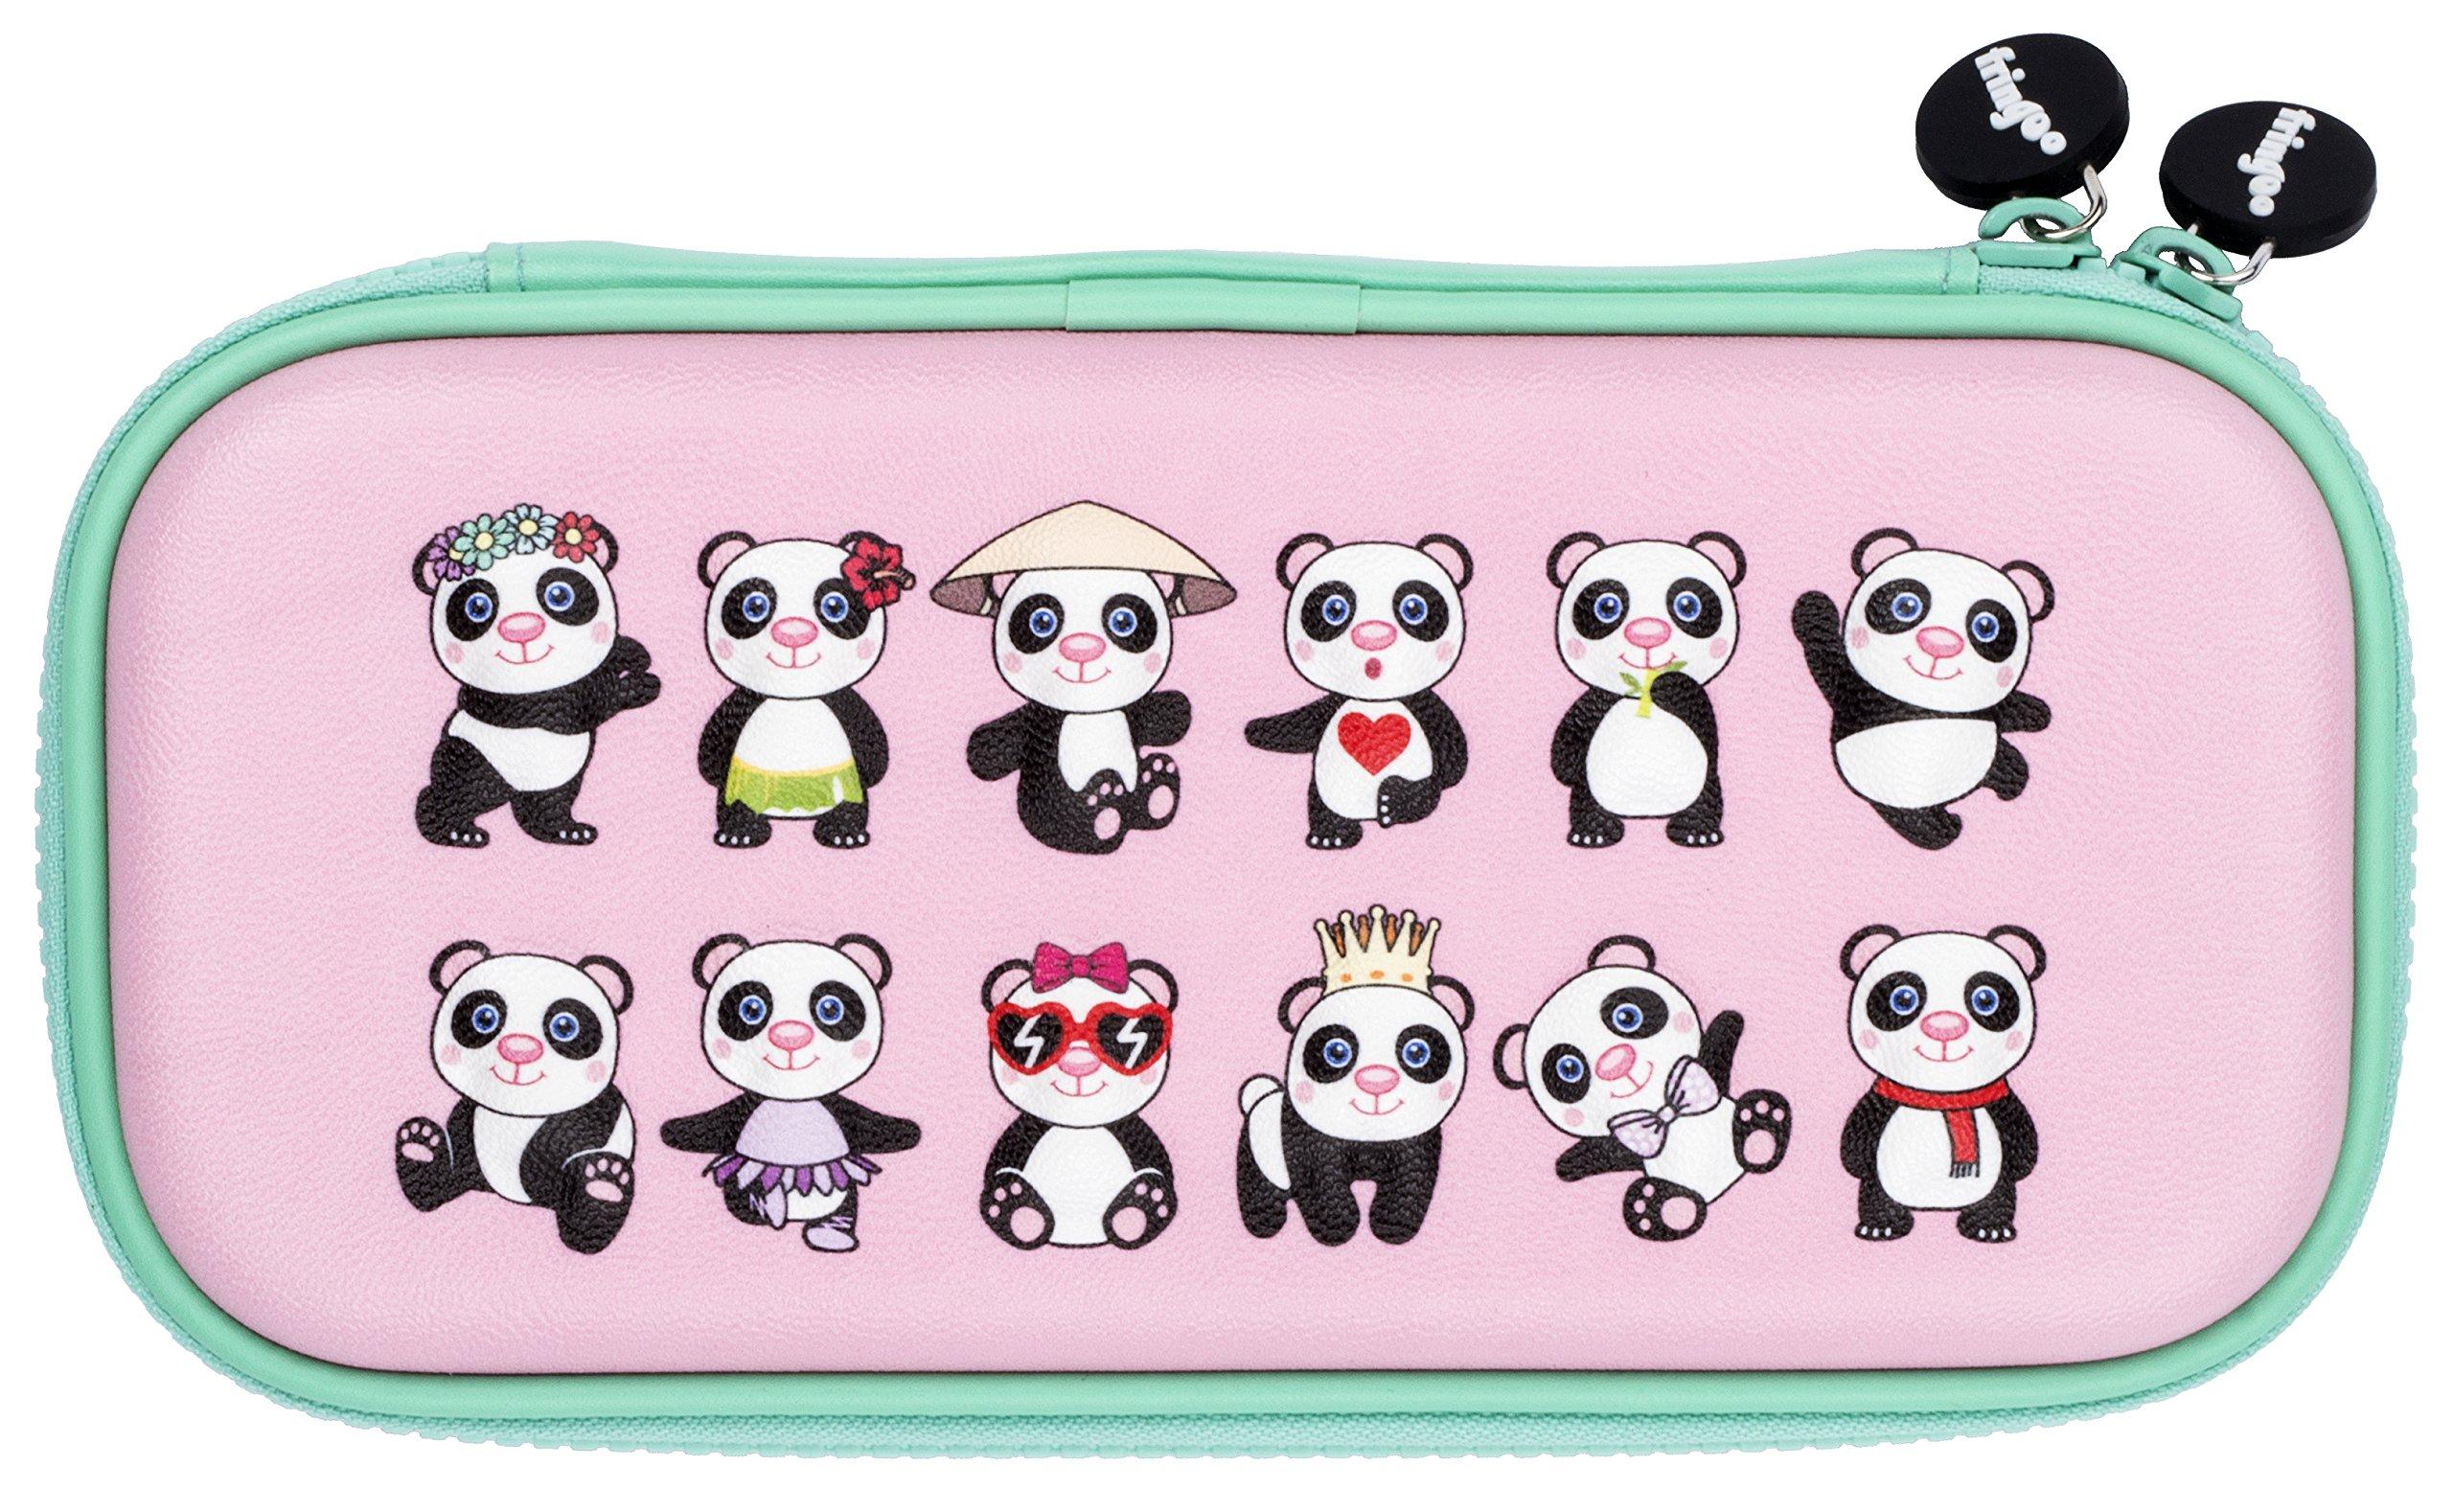 FRINGOO® Estuche para lápices con tapa dura en relieve, doble cremallera, organizador de papelería, divertido diseño de unicornio único (estilo panda): Amazon.es: Hogar